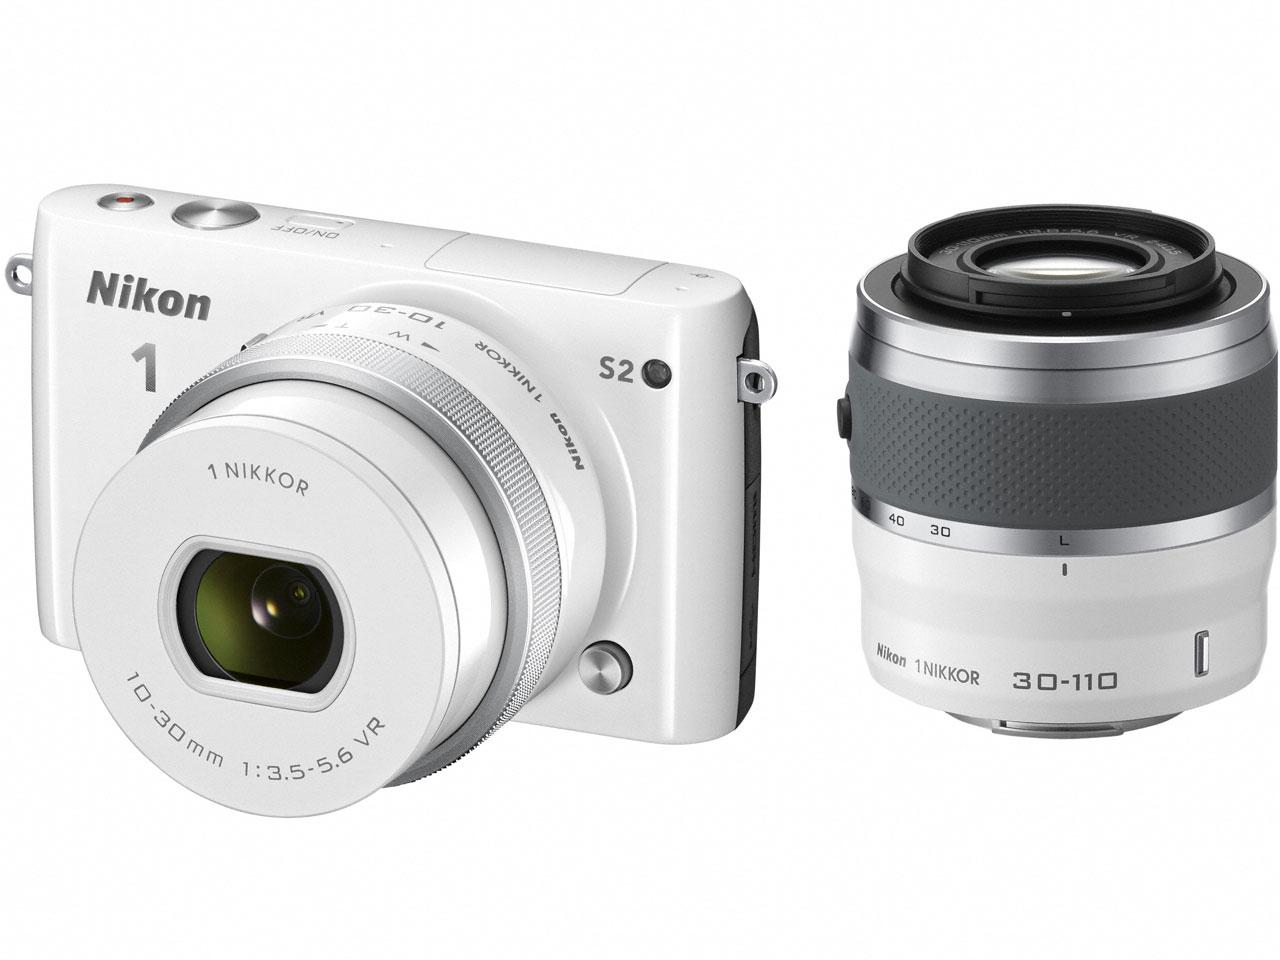 Nikon 1 S2 ダブルズームキット の製品画像